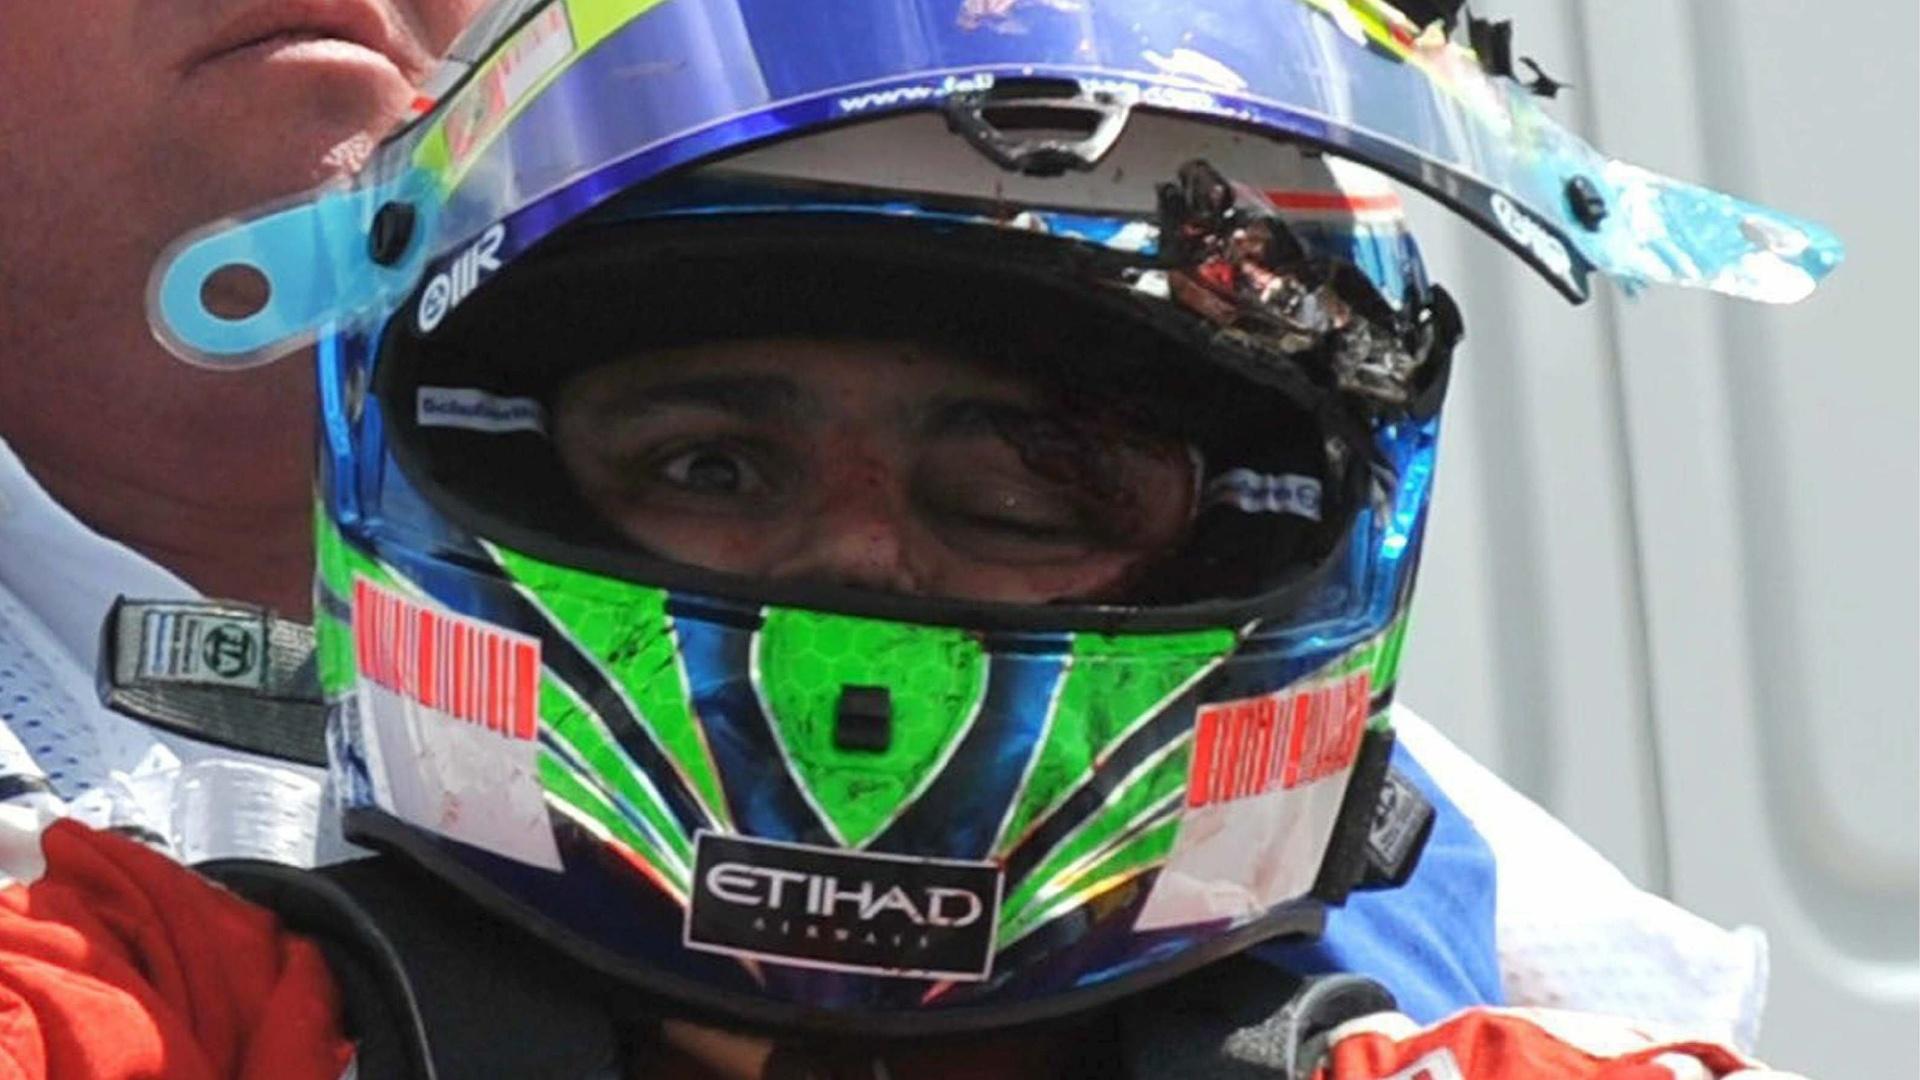 Em 2009, Felipe Massa, então piloto da Ferrari, foi atingido por uma mola a 280 km/h durante os treinos do GP da Hungria